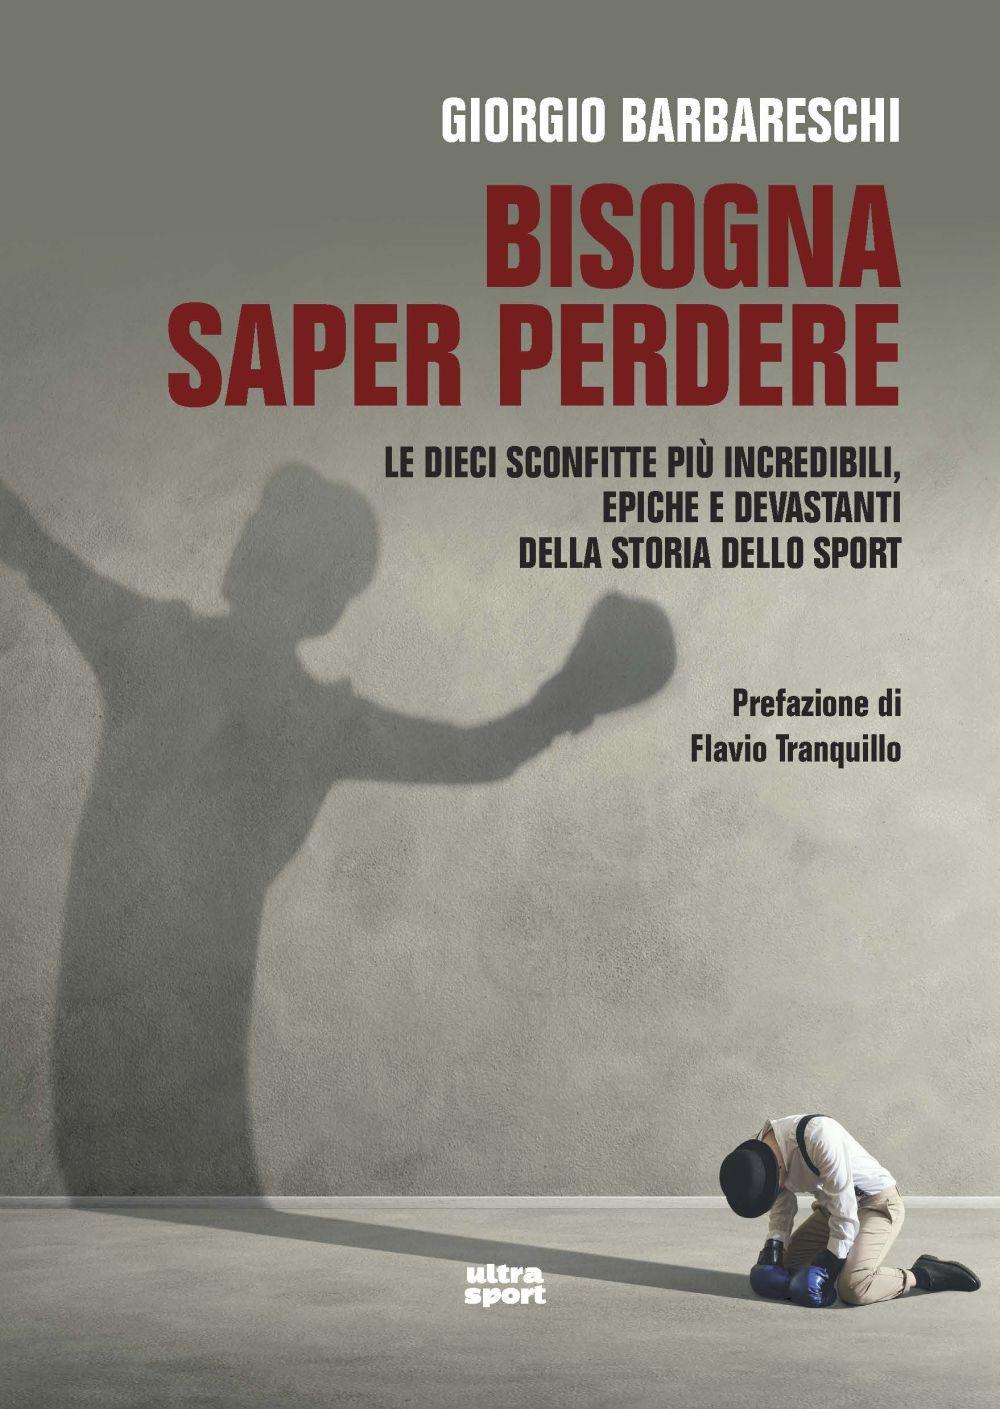 BISOGNA SAPER PERDERE - Barbareschi Giorgio - 9788867769827